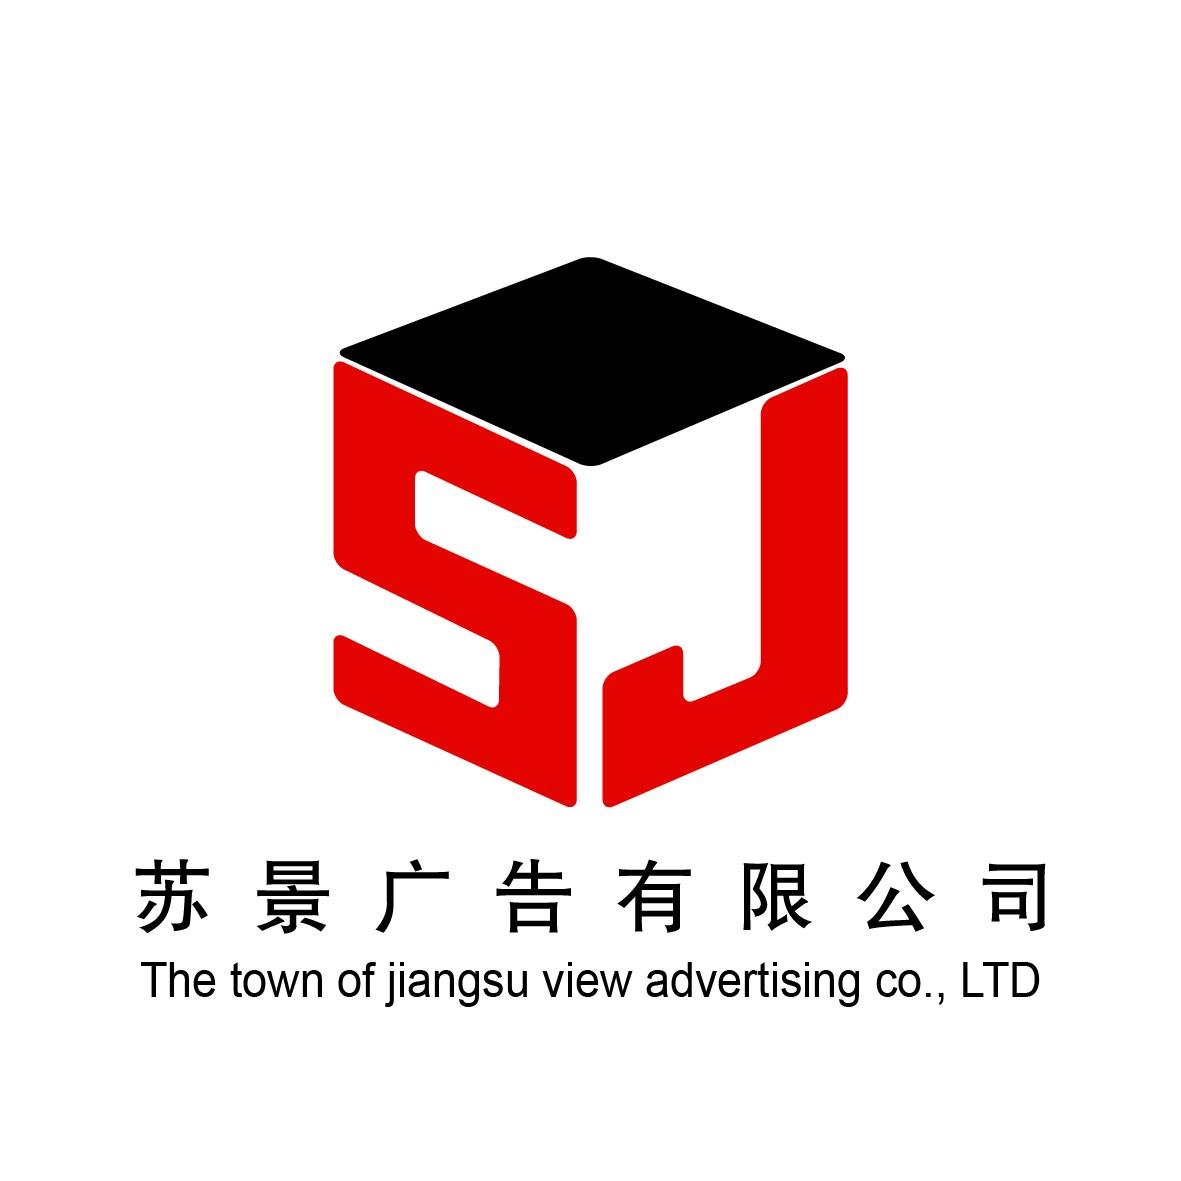 镇江苏景广告有限公司